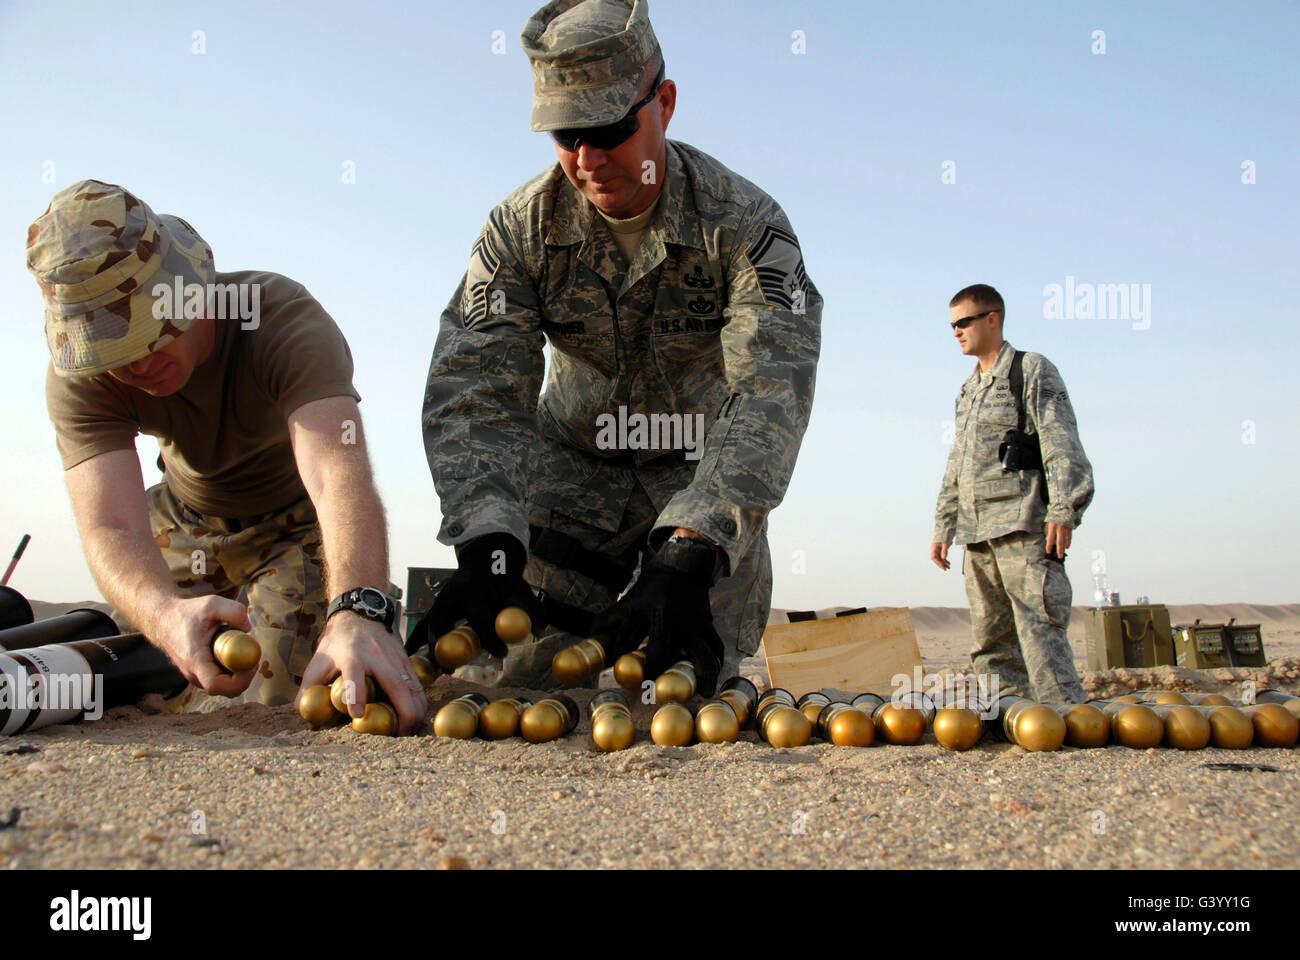 Préparer des techniciens pour l'élimination des grenades lors d'une détonation contrôlée. Photo Stock